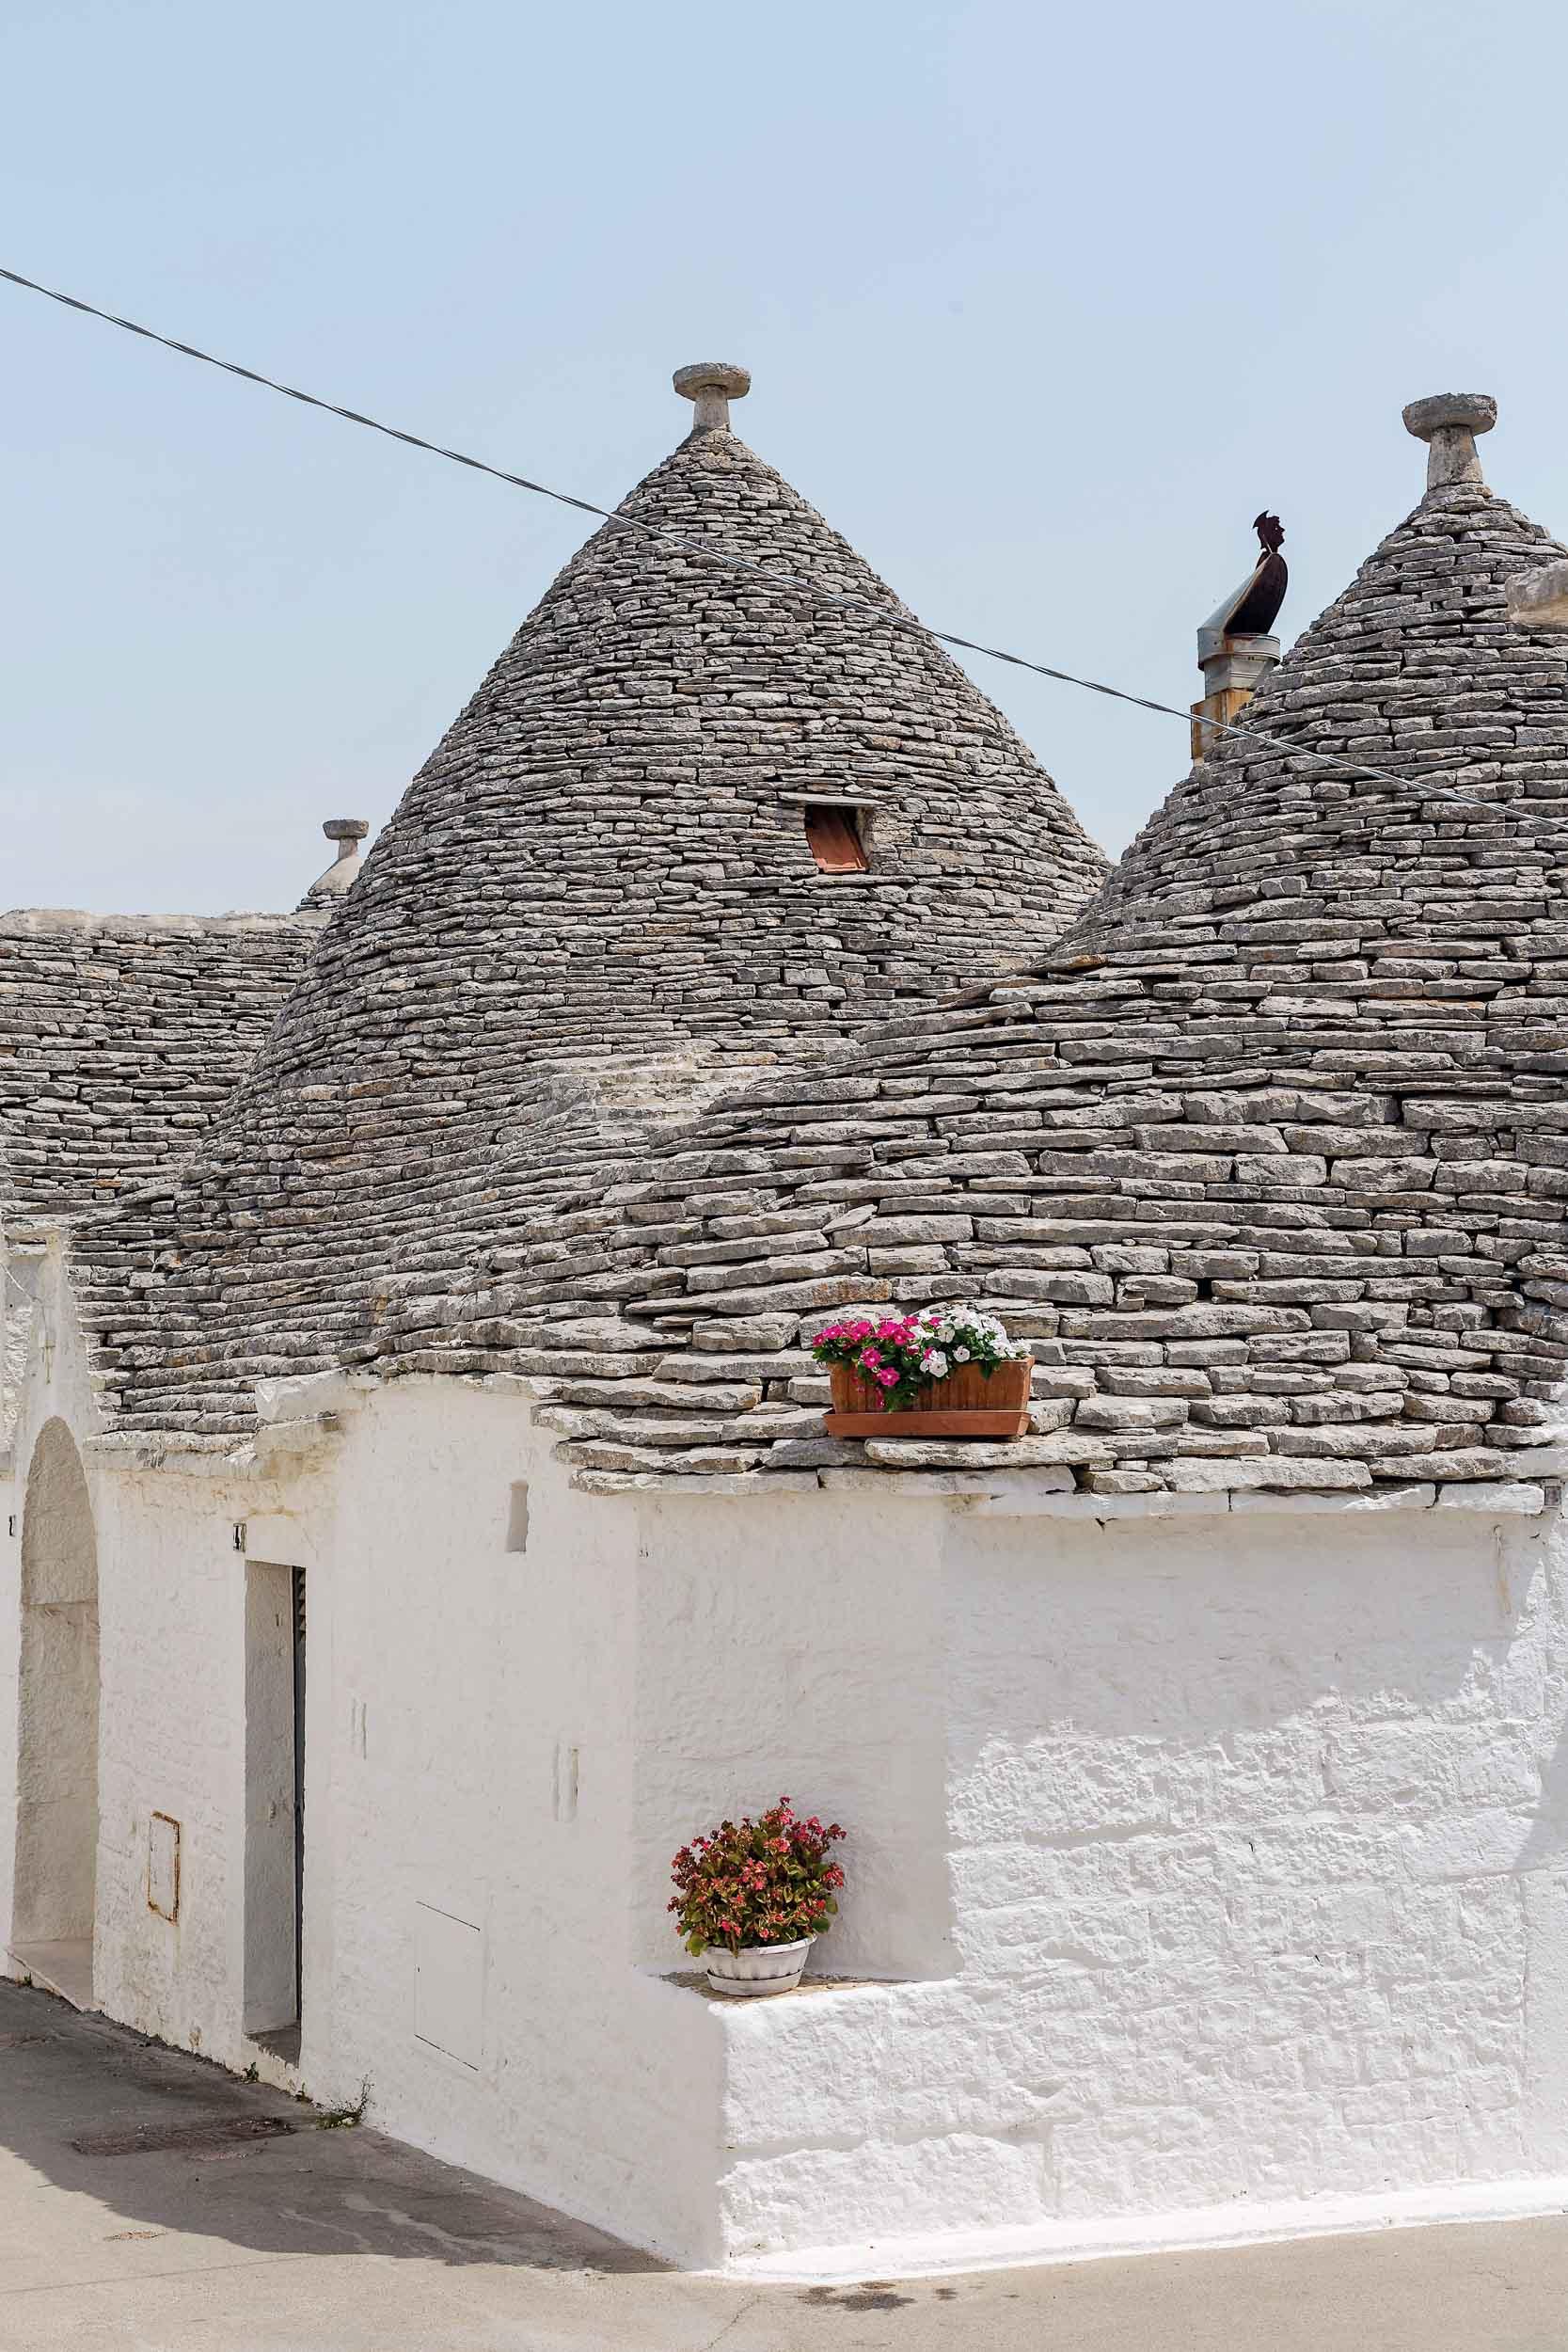 Trullo buildings in Alberobello, Puglia, Italy